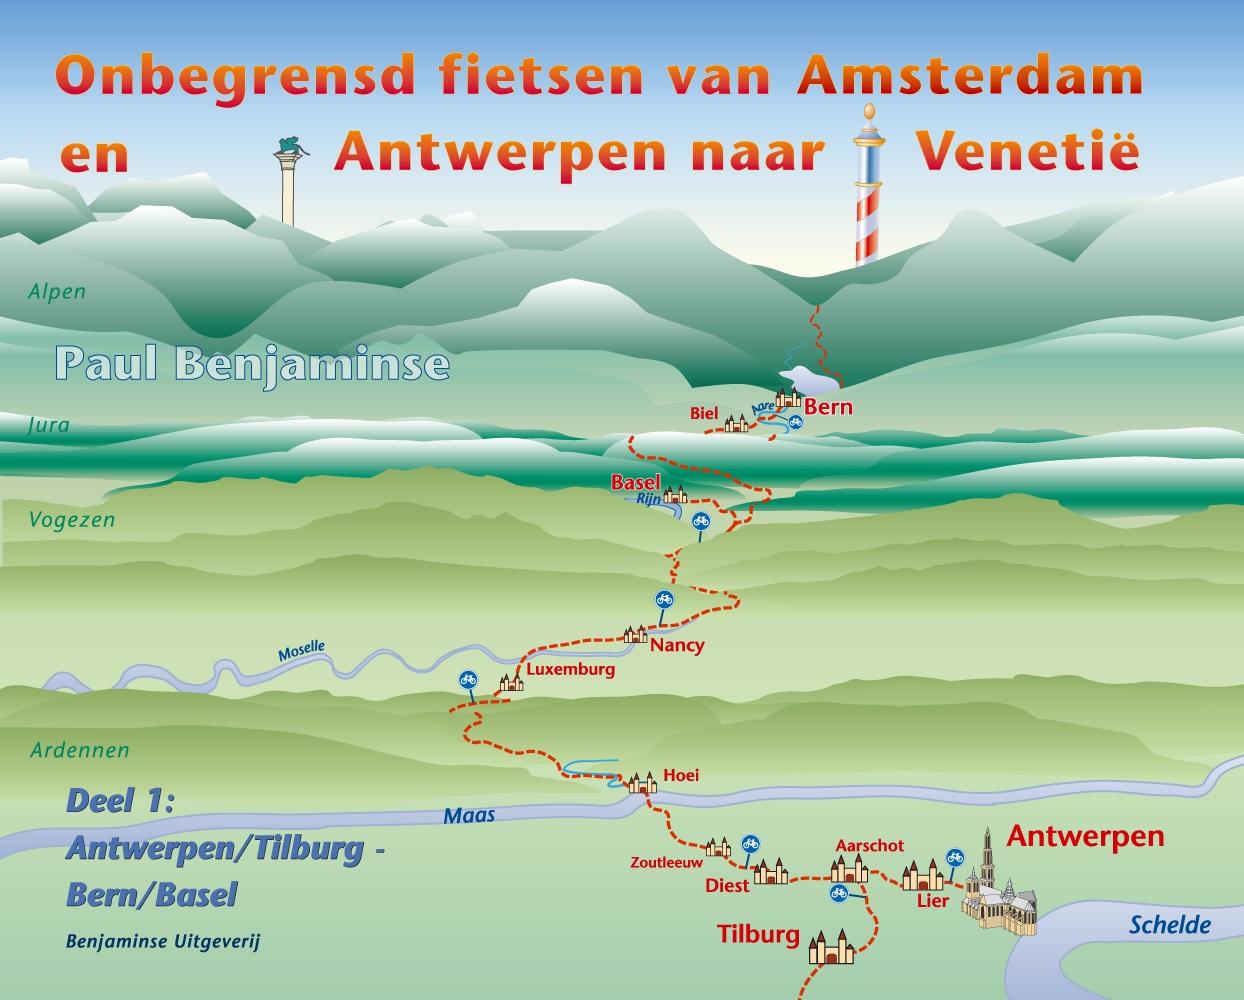 Venetië fietsen naar - Amsterdam - Bern